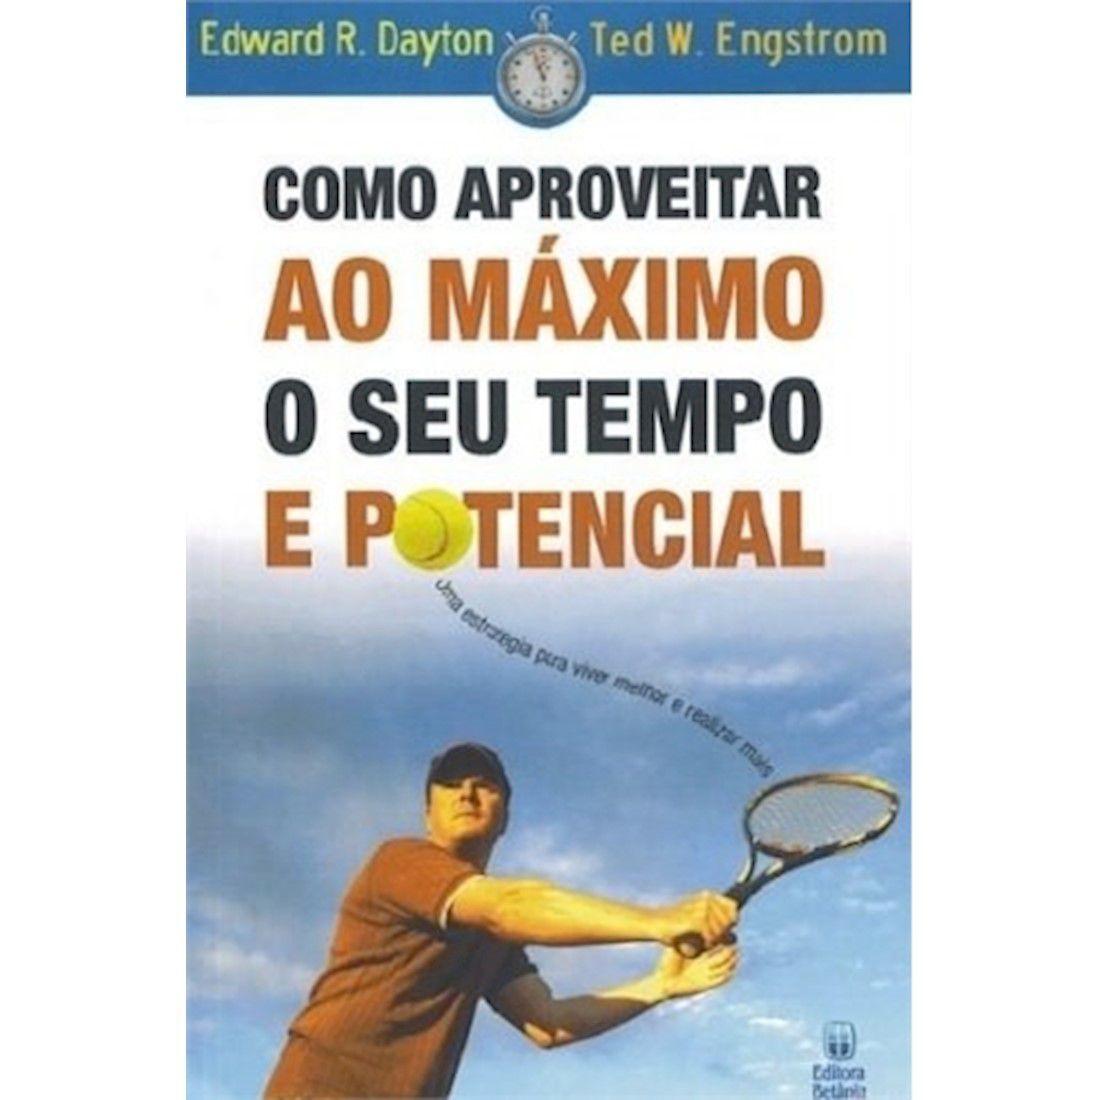 Livro Como Aproveitar ao Máximo o seu Tempo e Potencial